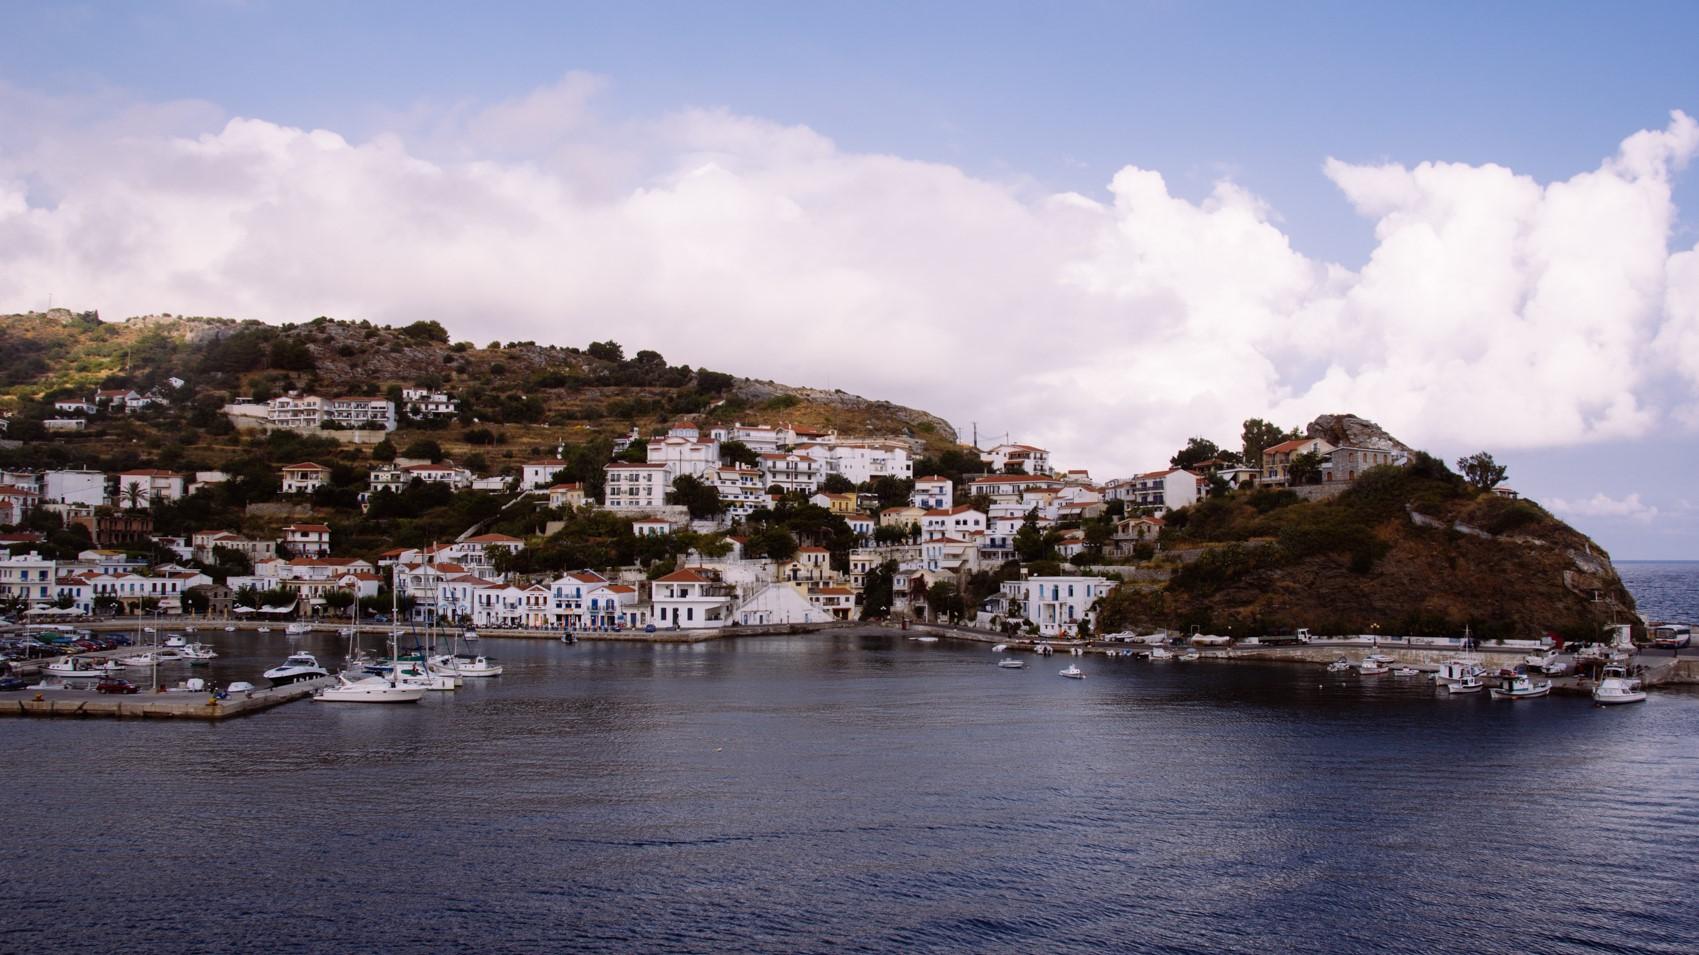 The island of Ikaria. Bonelli Arte for Foodk23